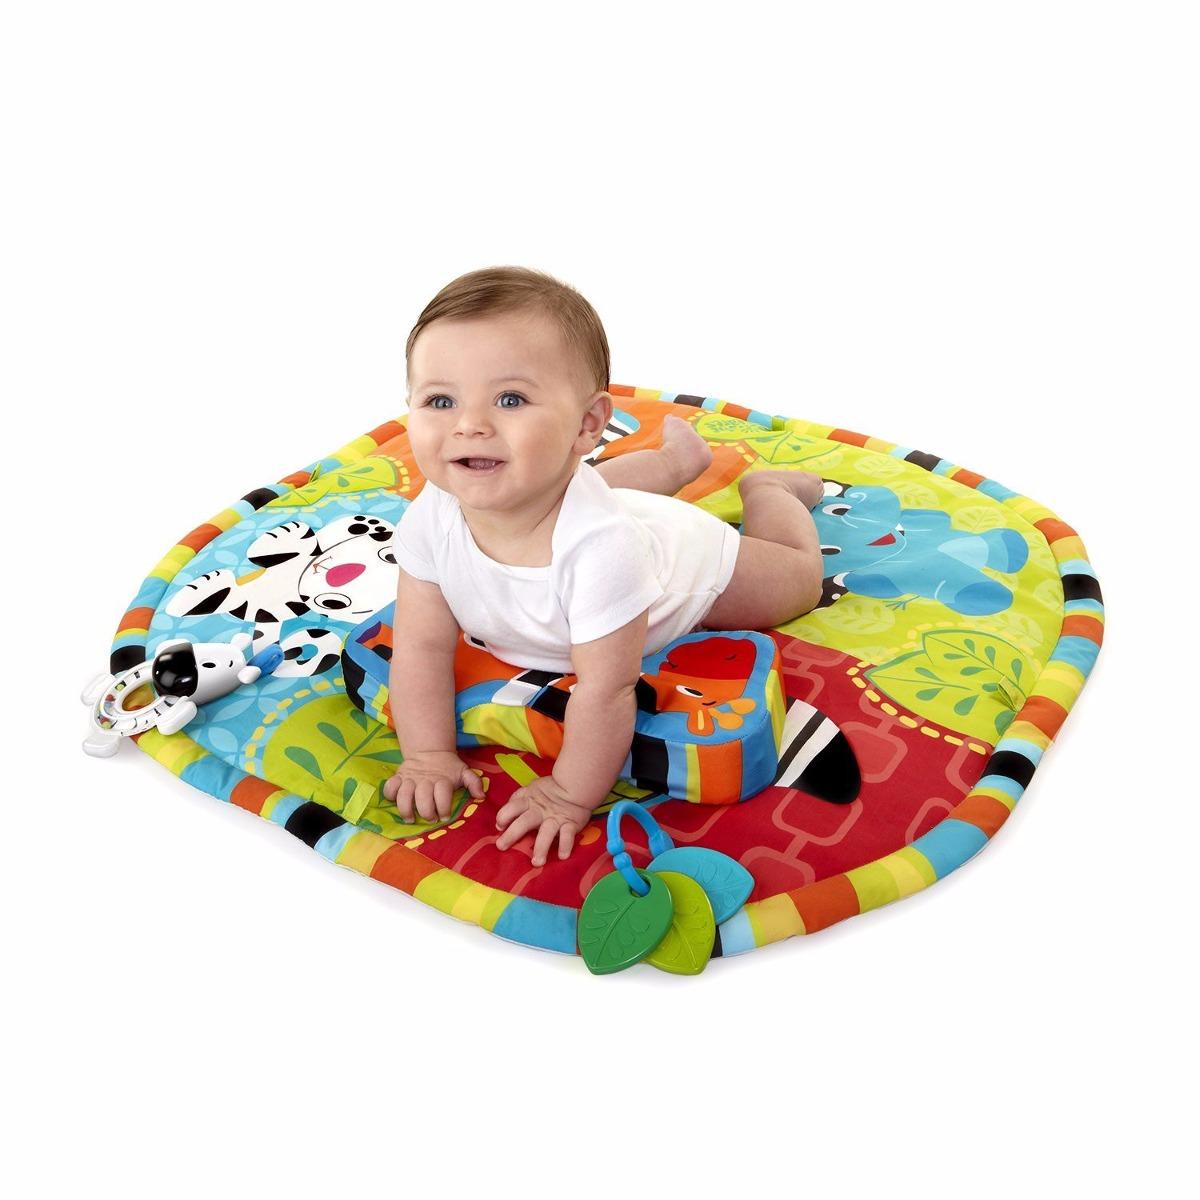 Gimnasio gym tapete actividades bebe bright starts safari 3 en mercado libre - Alfombra actividades bebe ...